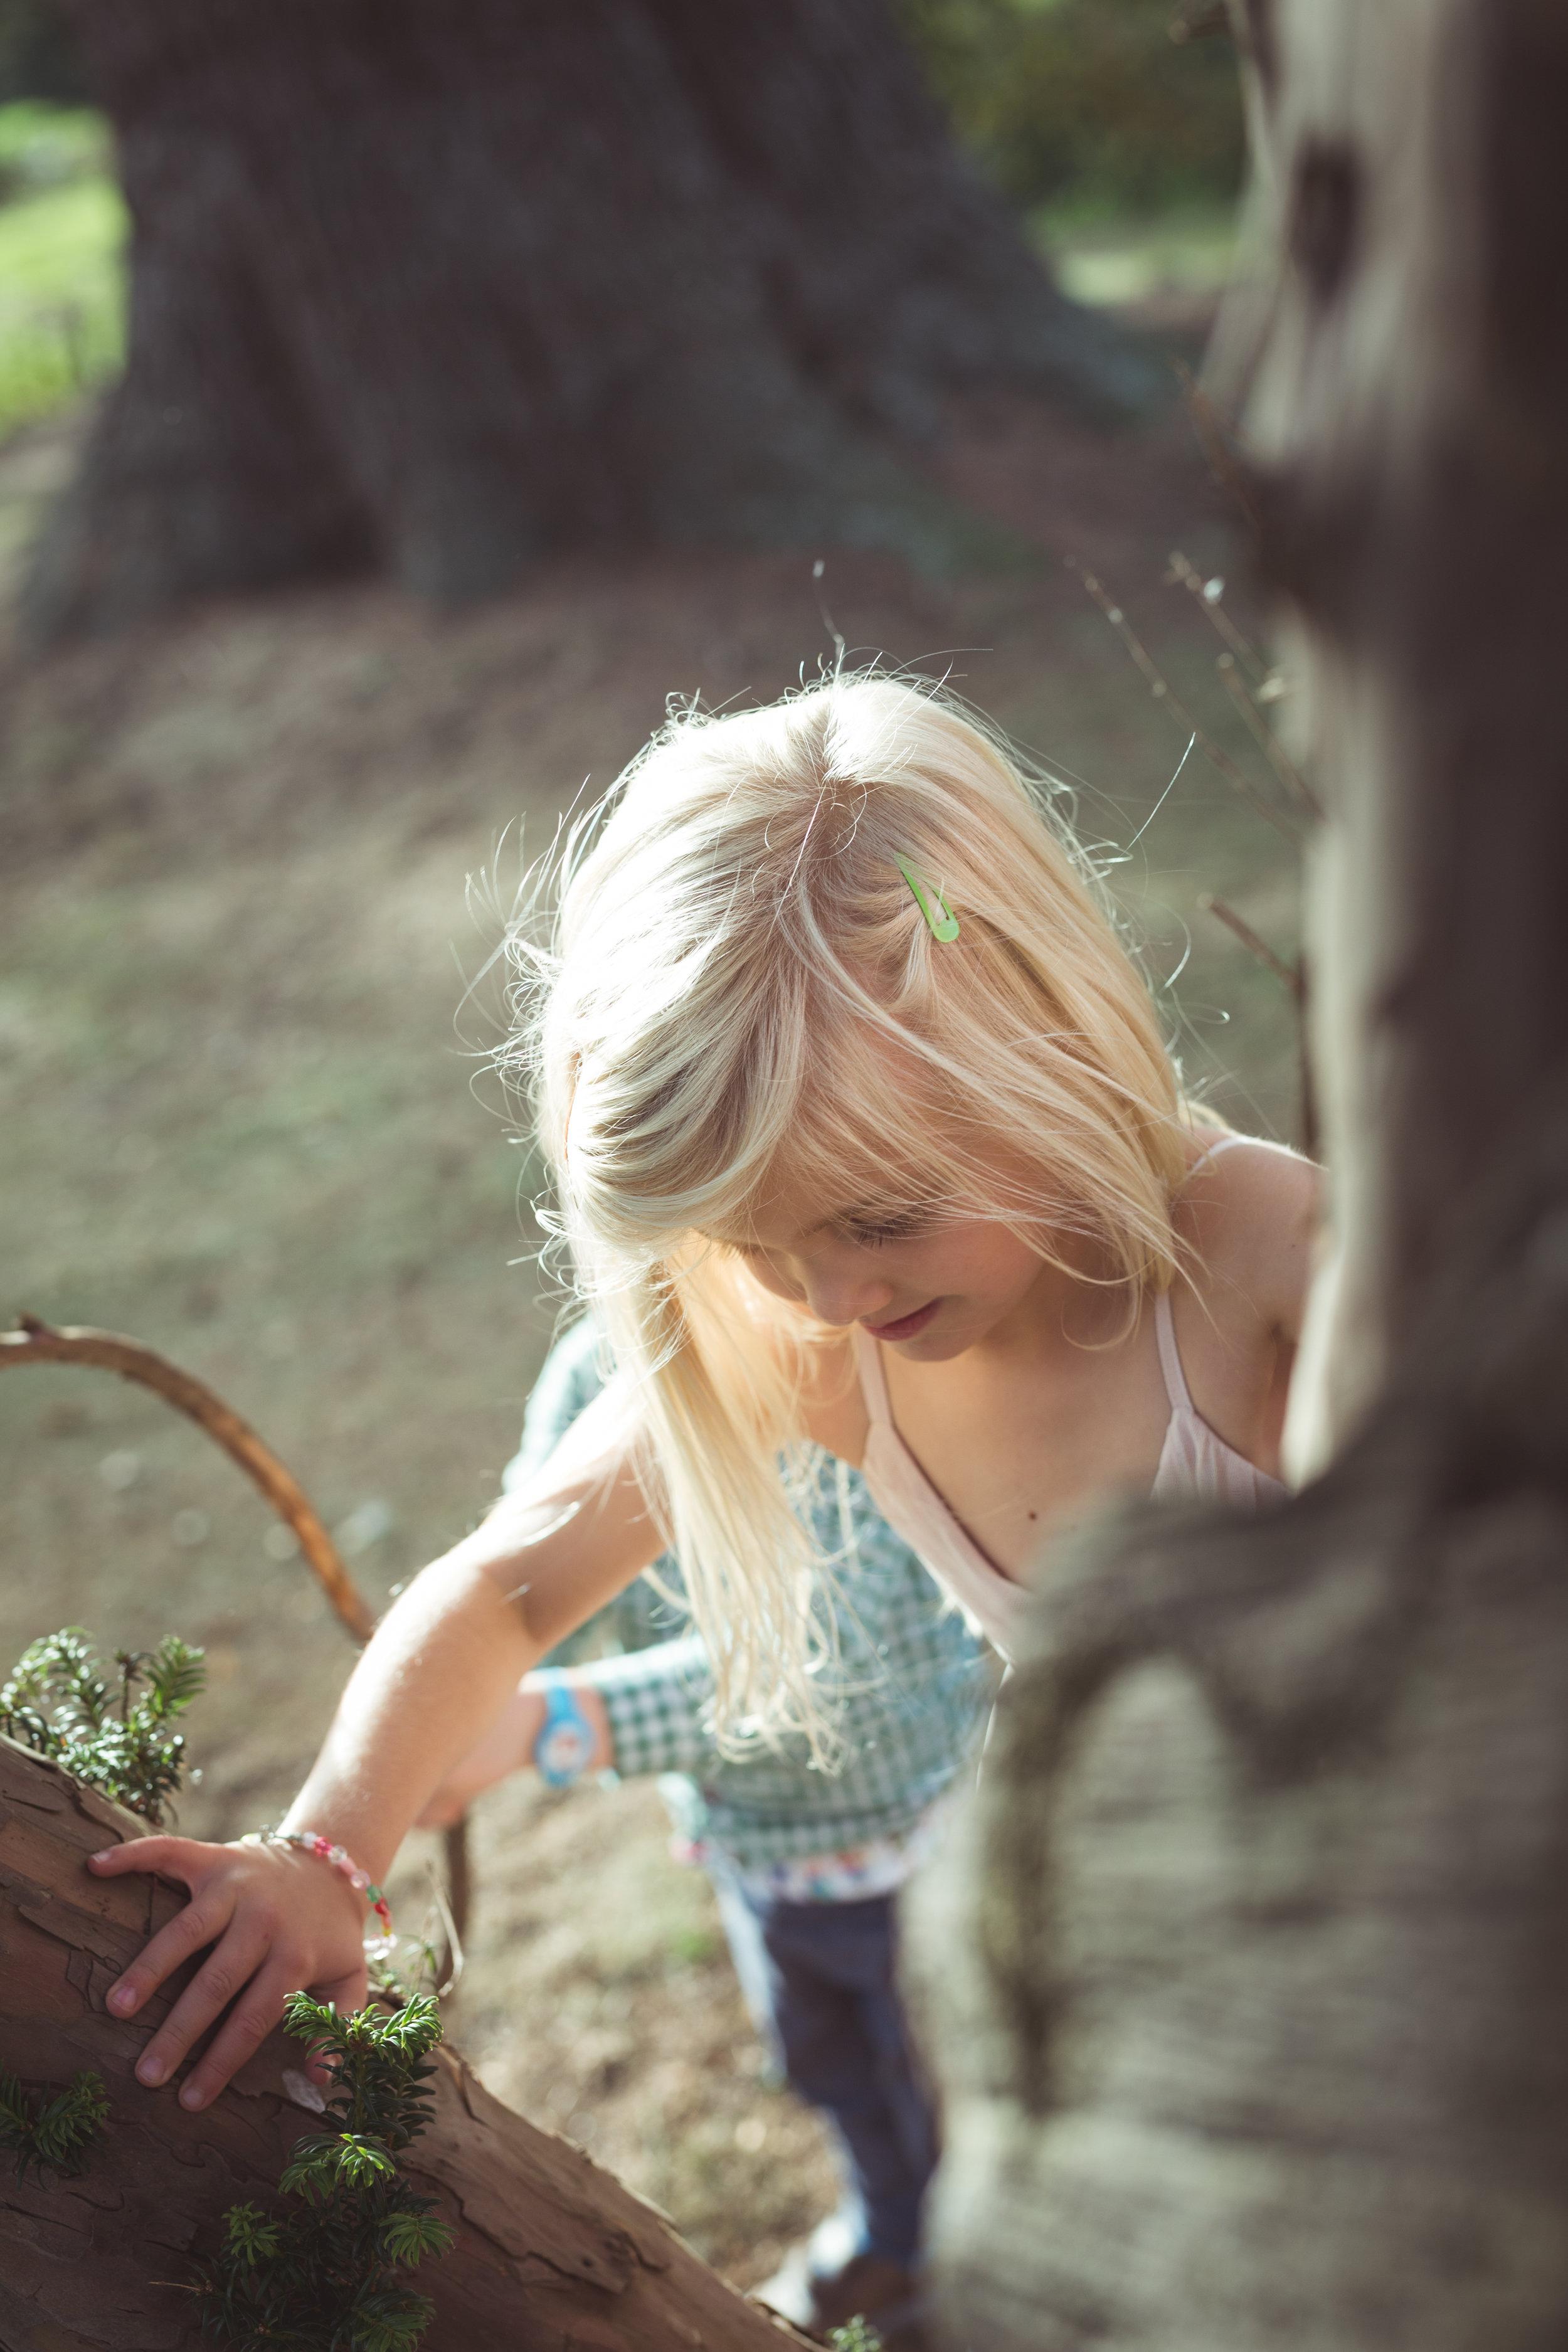 Kids-4921.jpg